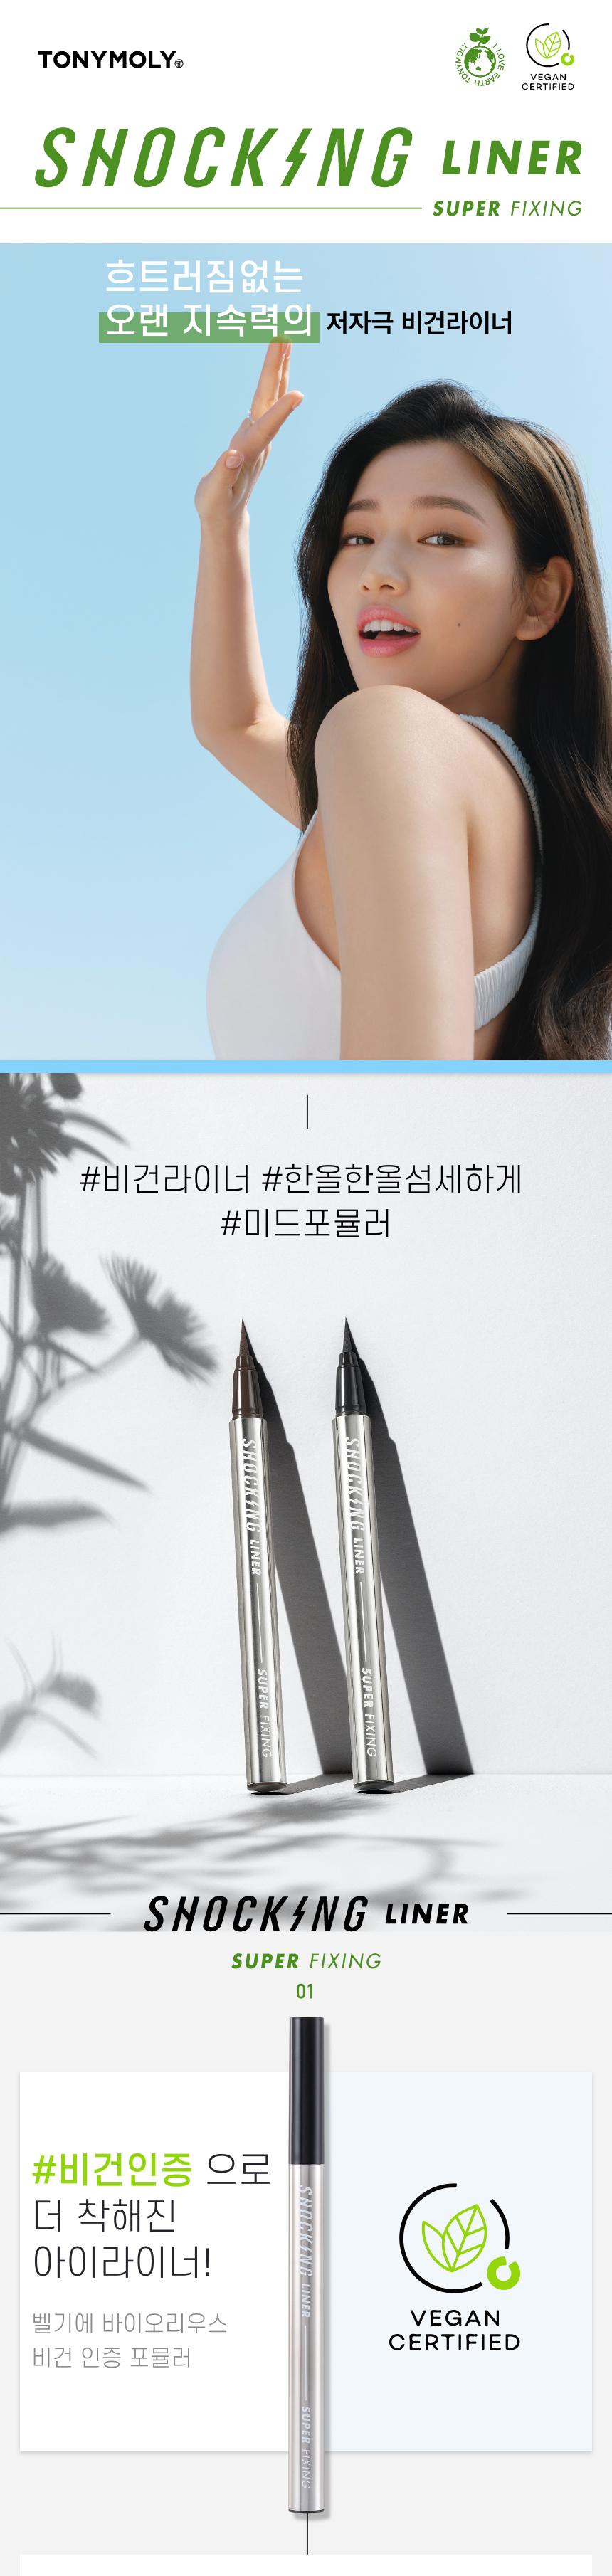 01. 비건인증으로 더 착해진 아이라이너!